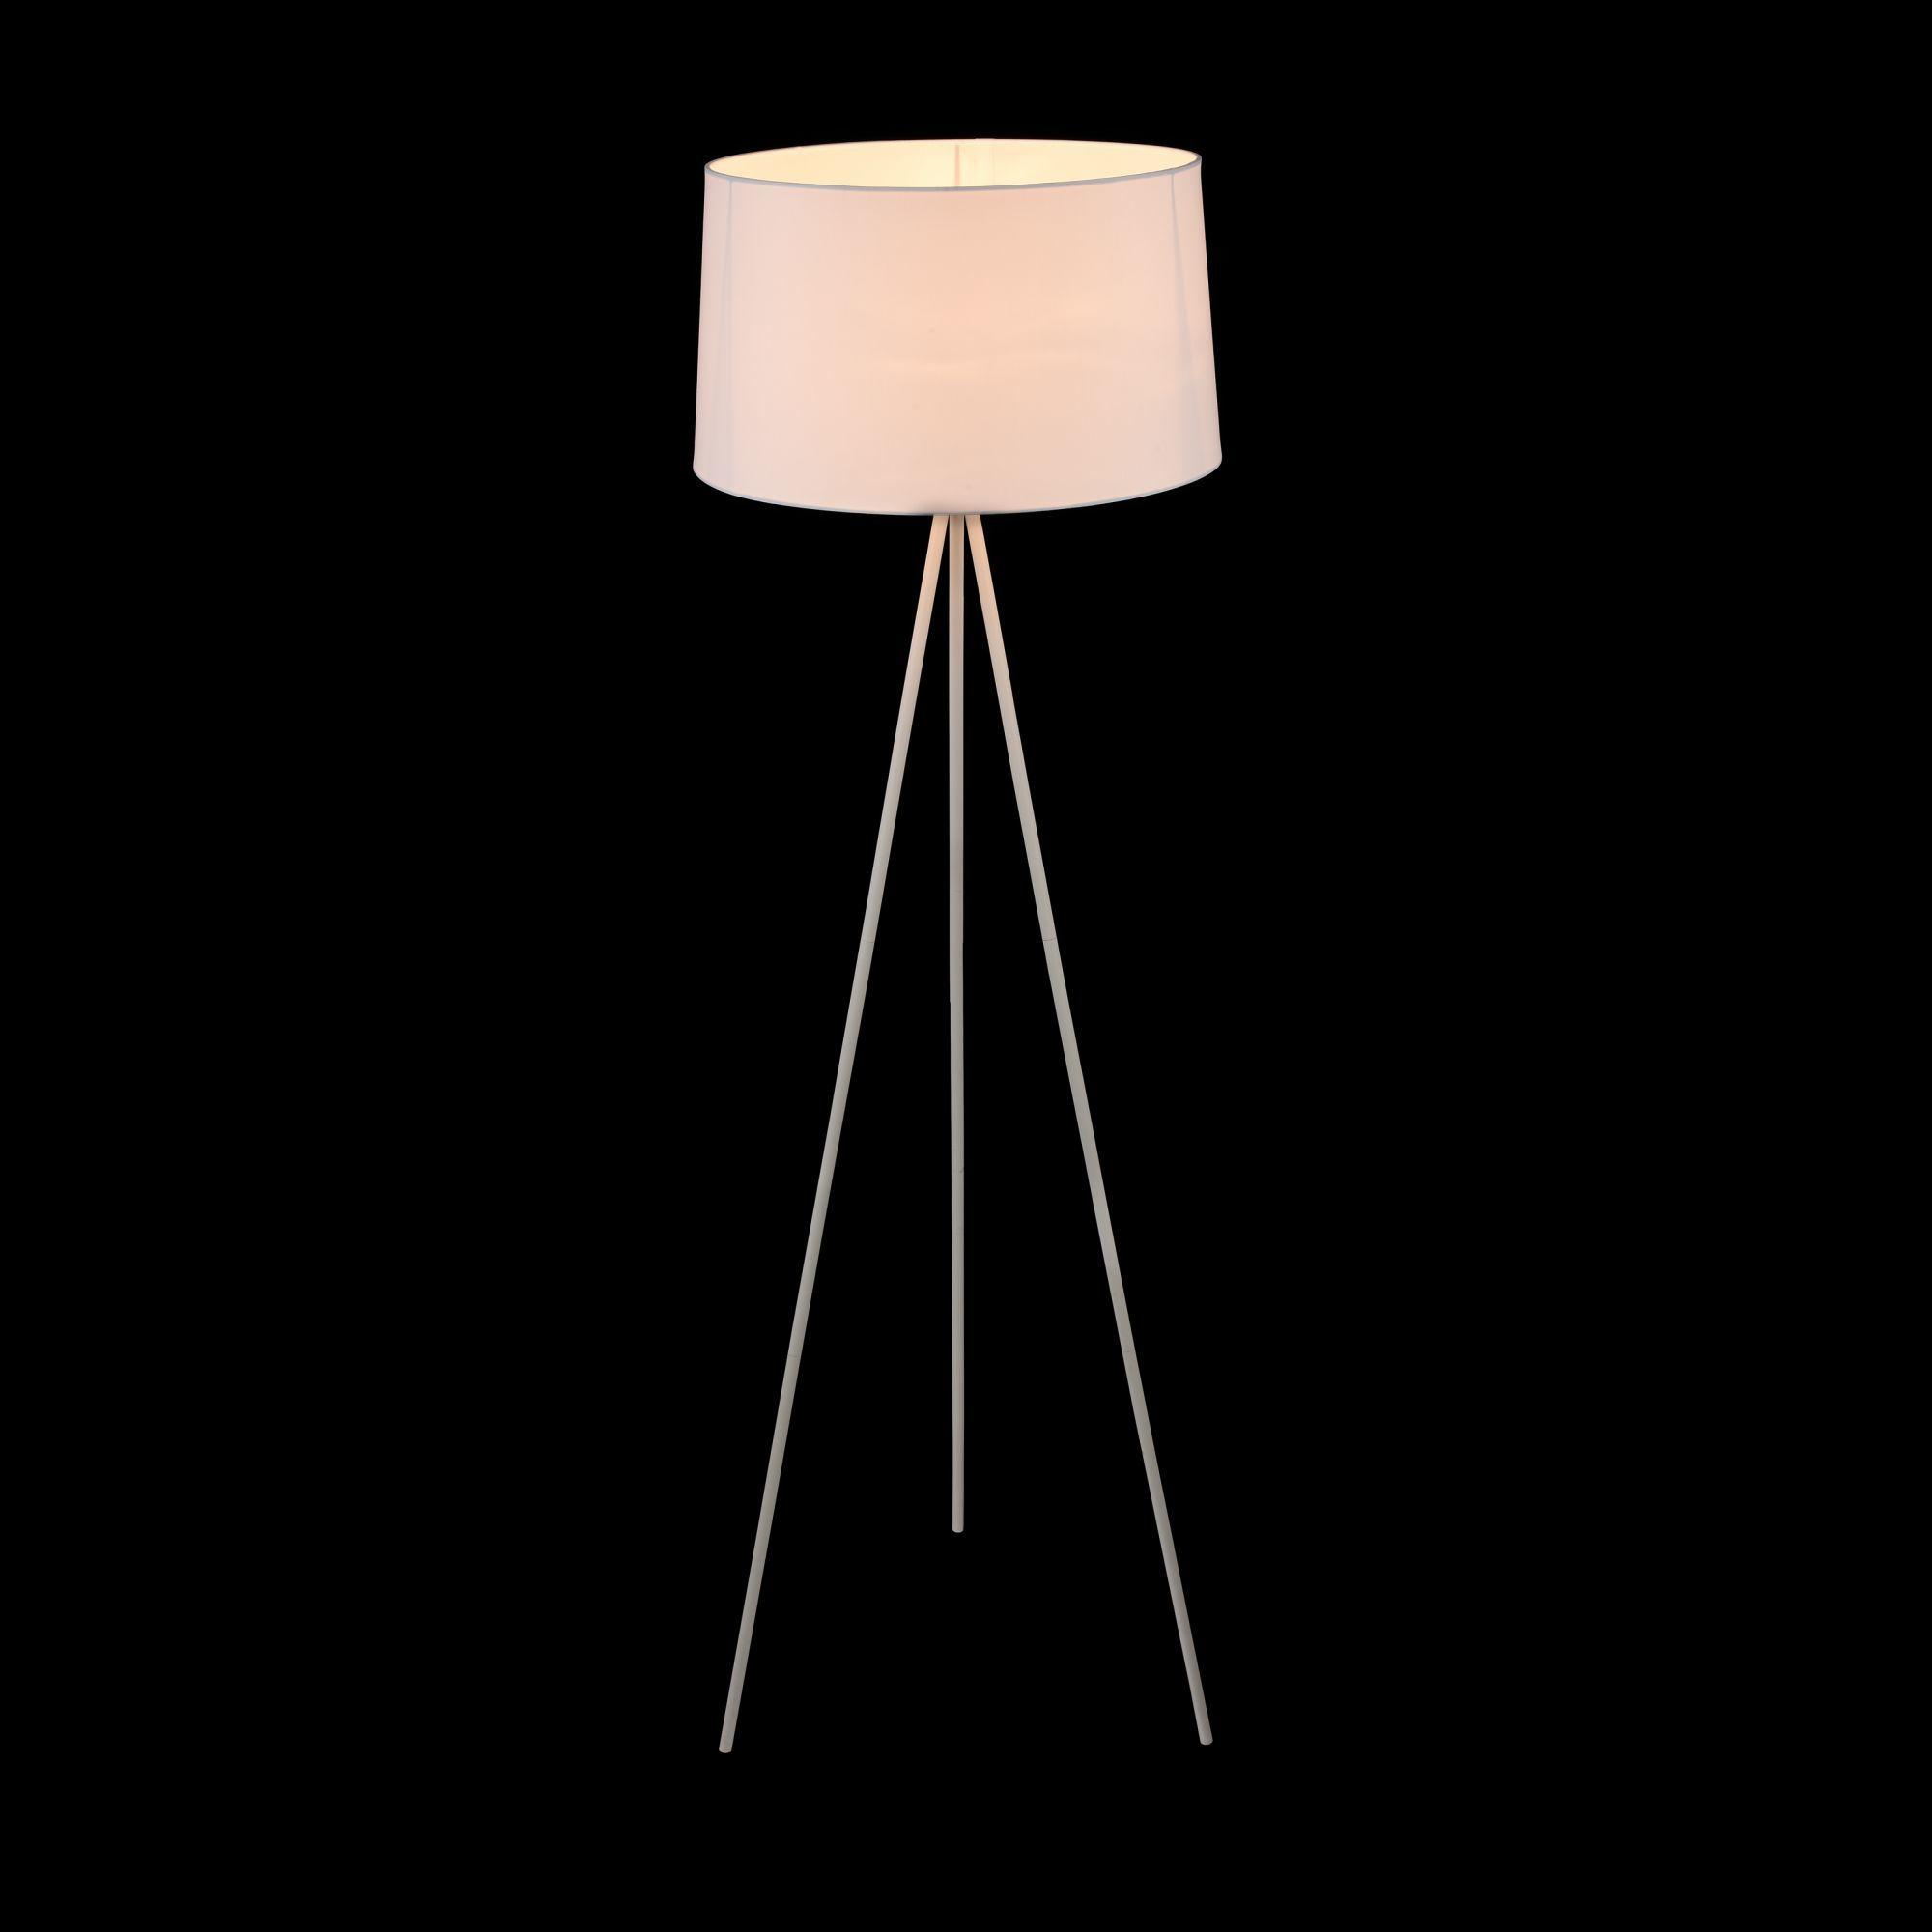 Торшер Freya Bonita FR5152-FL-01-W, 1xE27x40W, белый, металл, текстиль - фото 5